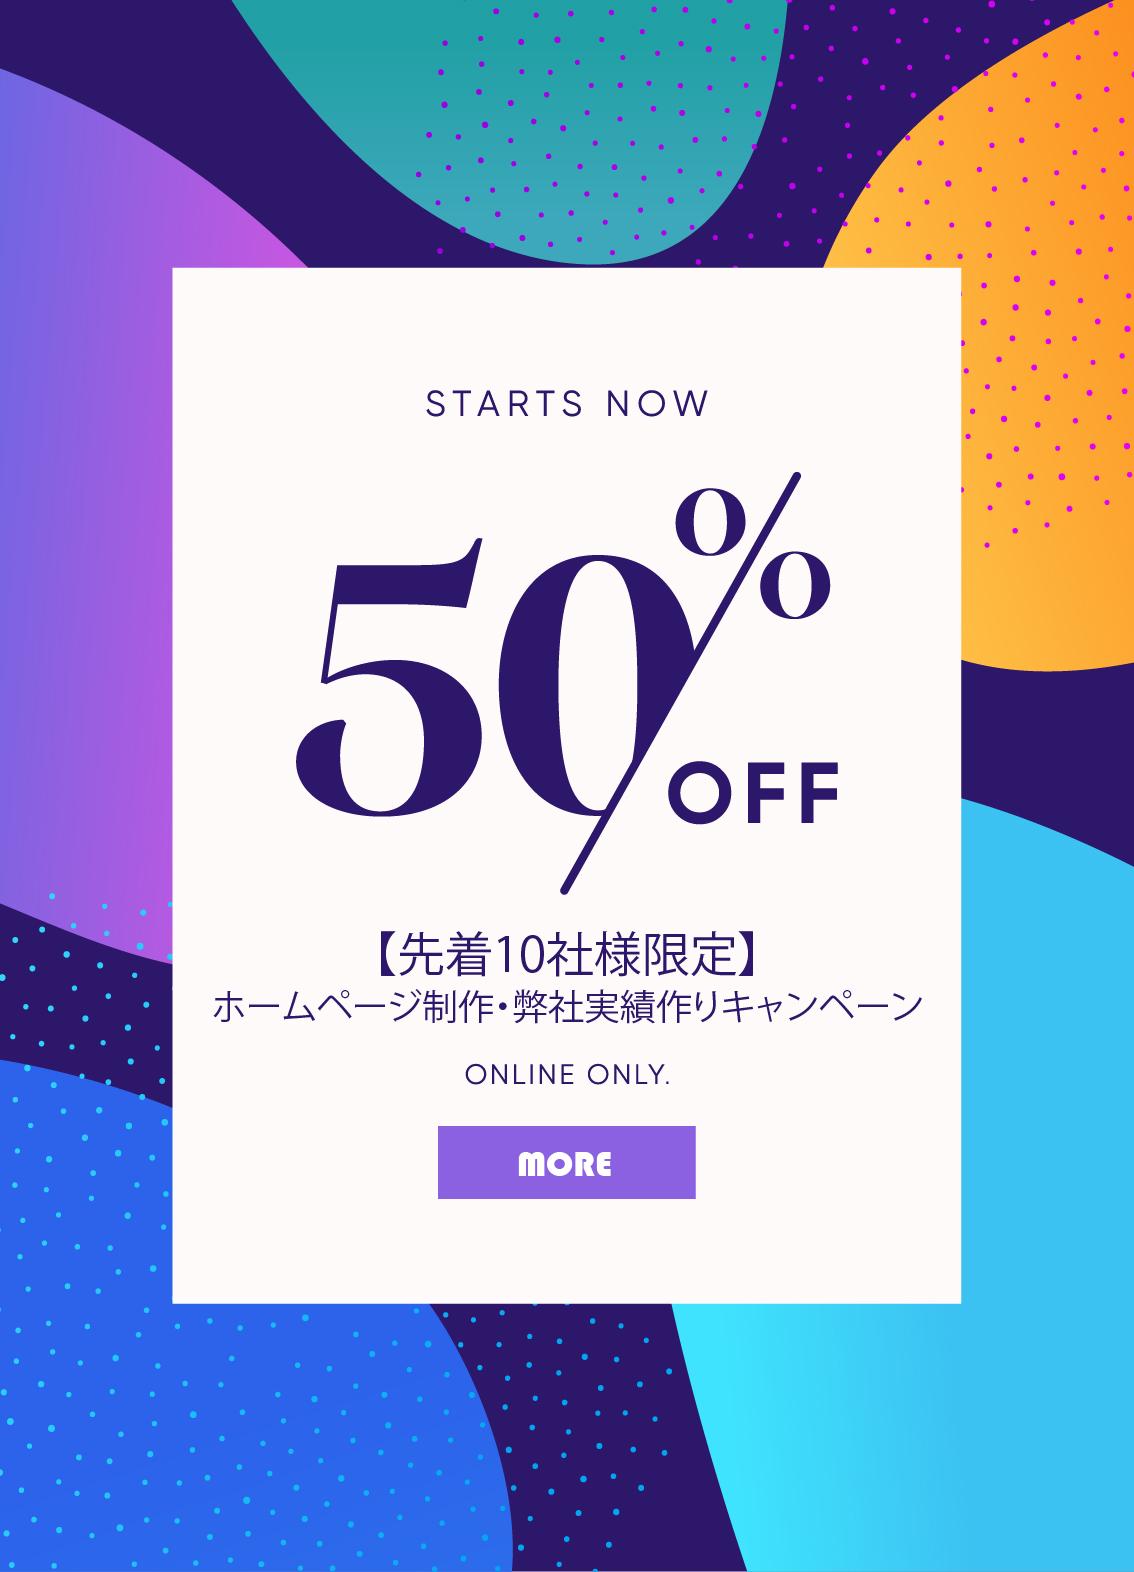 ホームページ制作実績作りキャンペーン 三重県内のお客様10社様限定 三重県四日市市のウェブデザインチーム FLARES